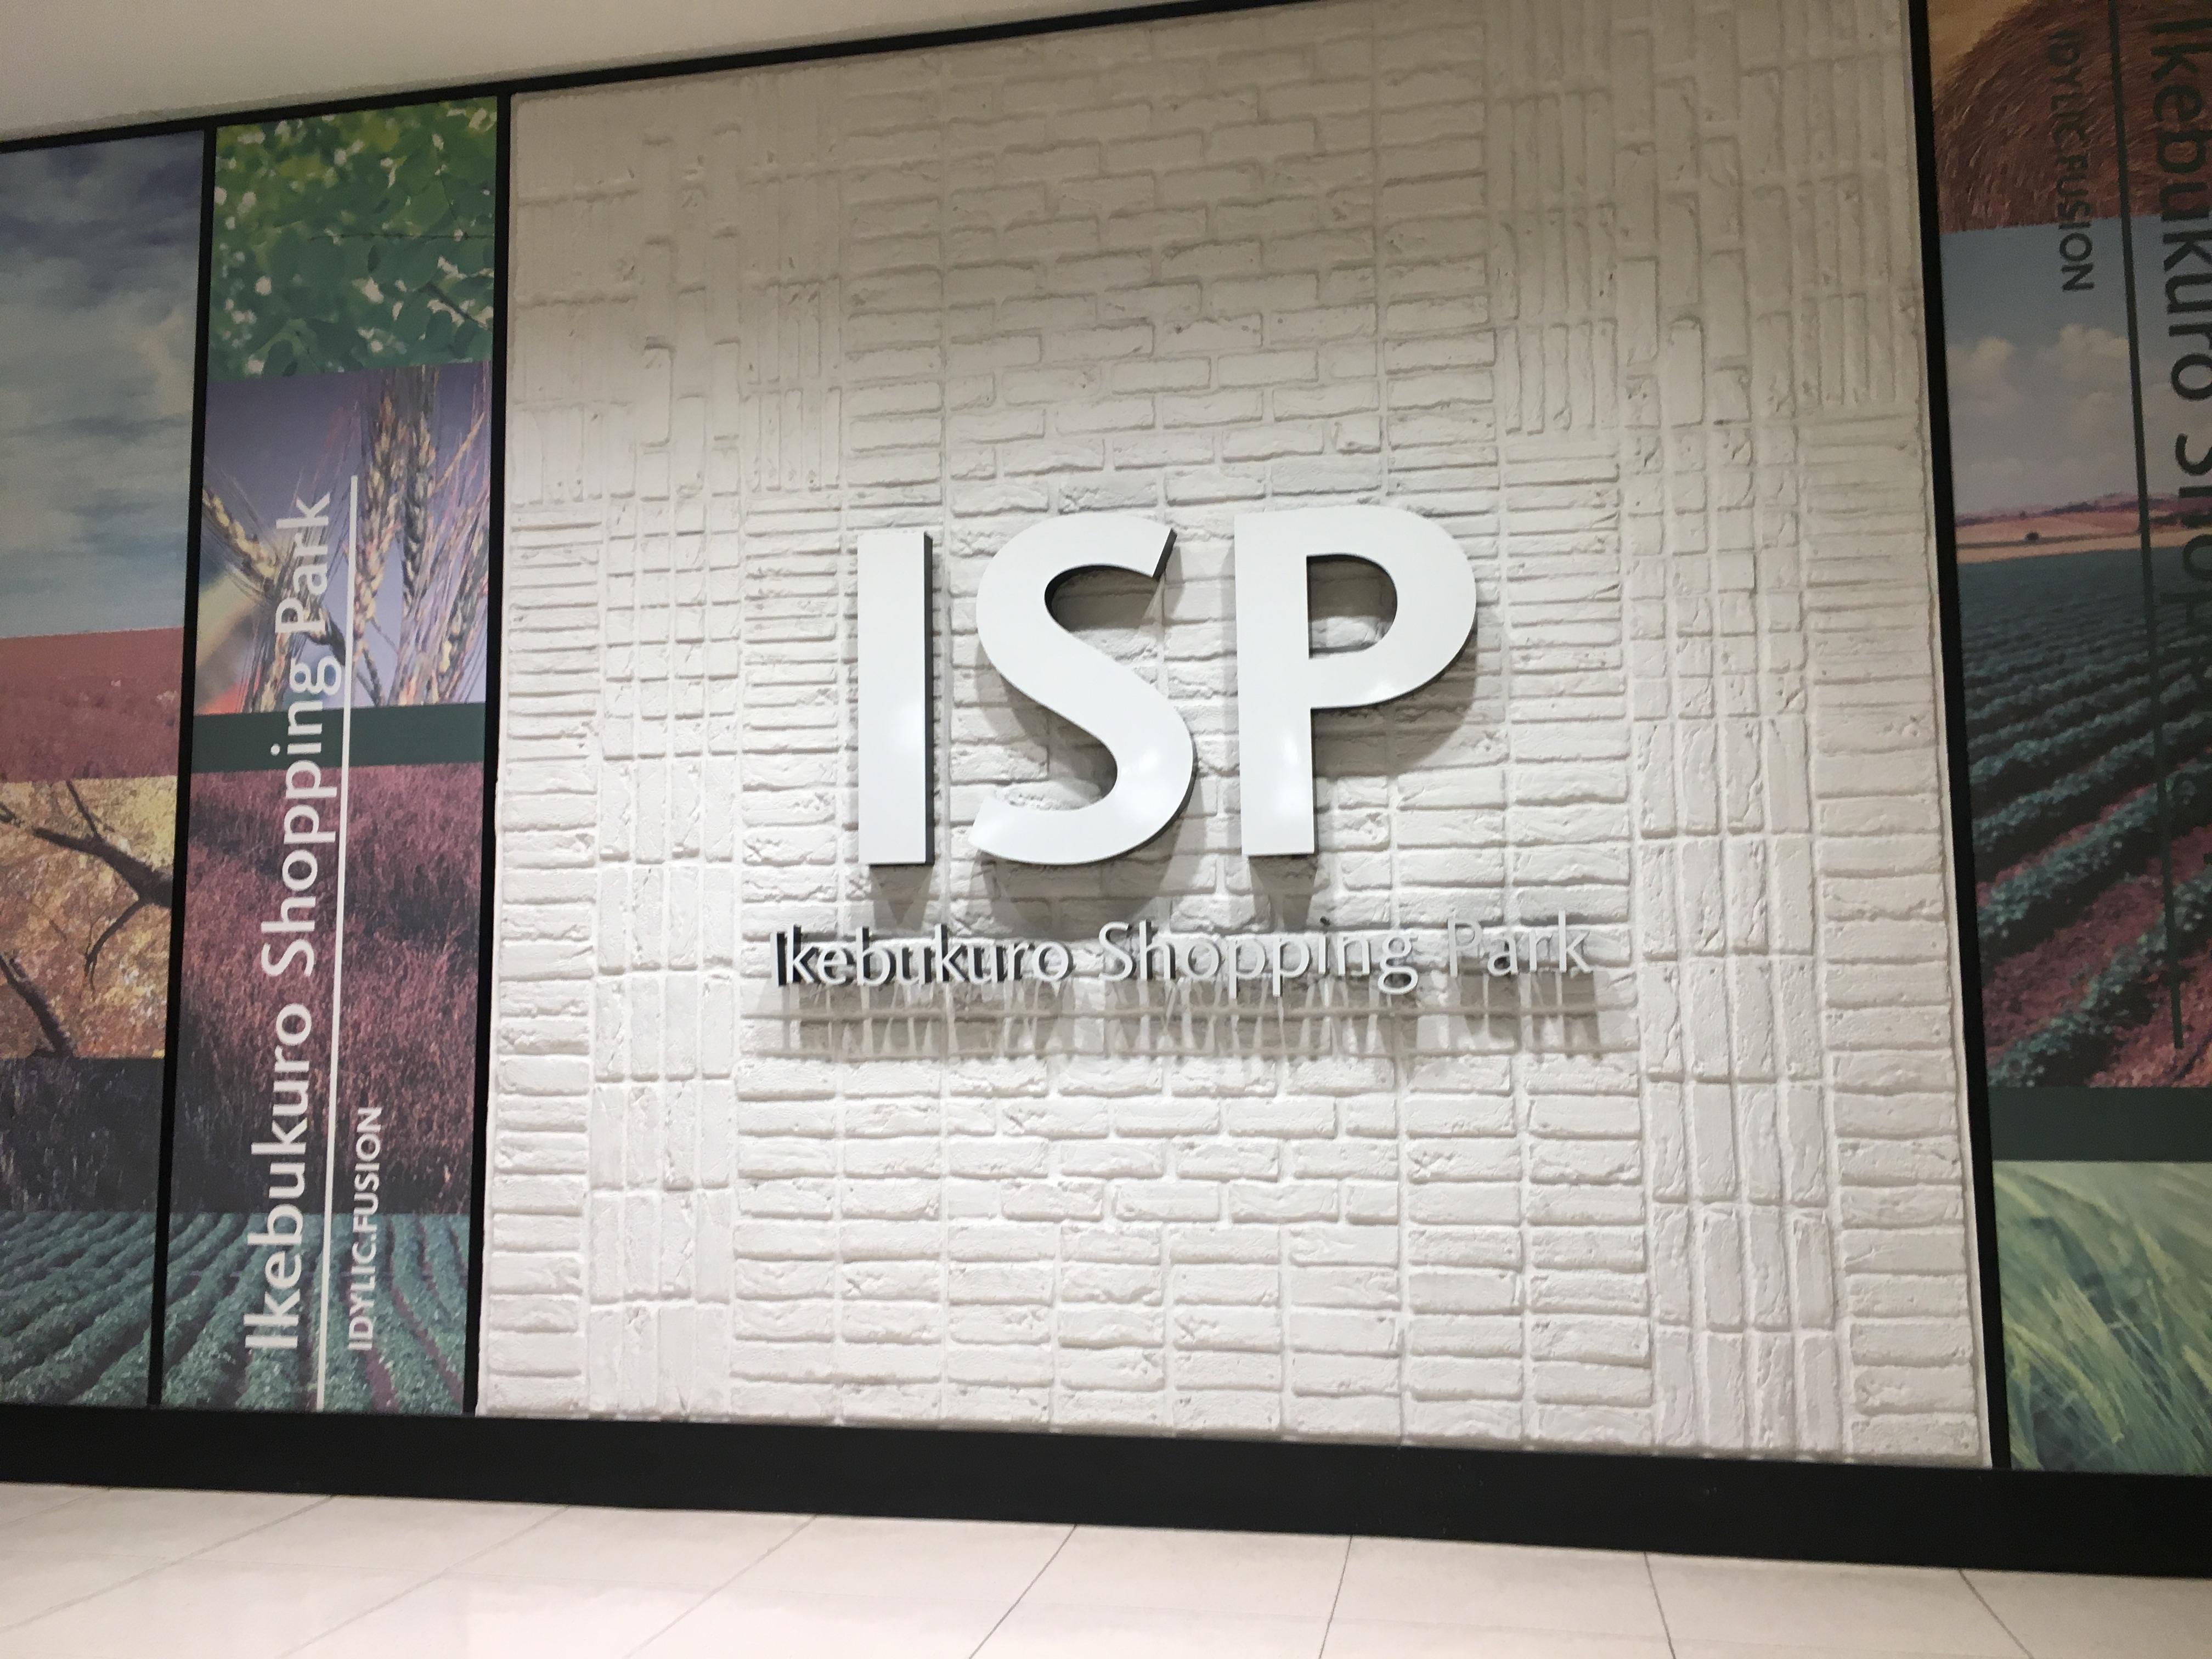 【池袋駅】ISP 池袋ショッピングパークが改装前セールだって!